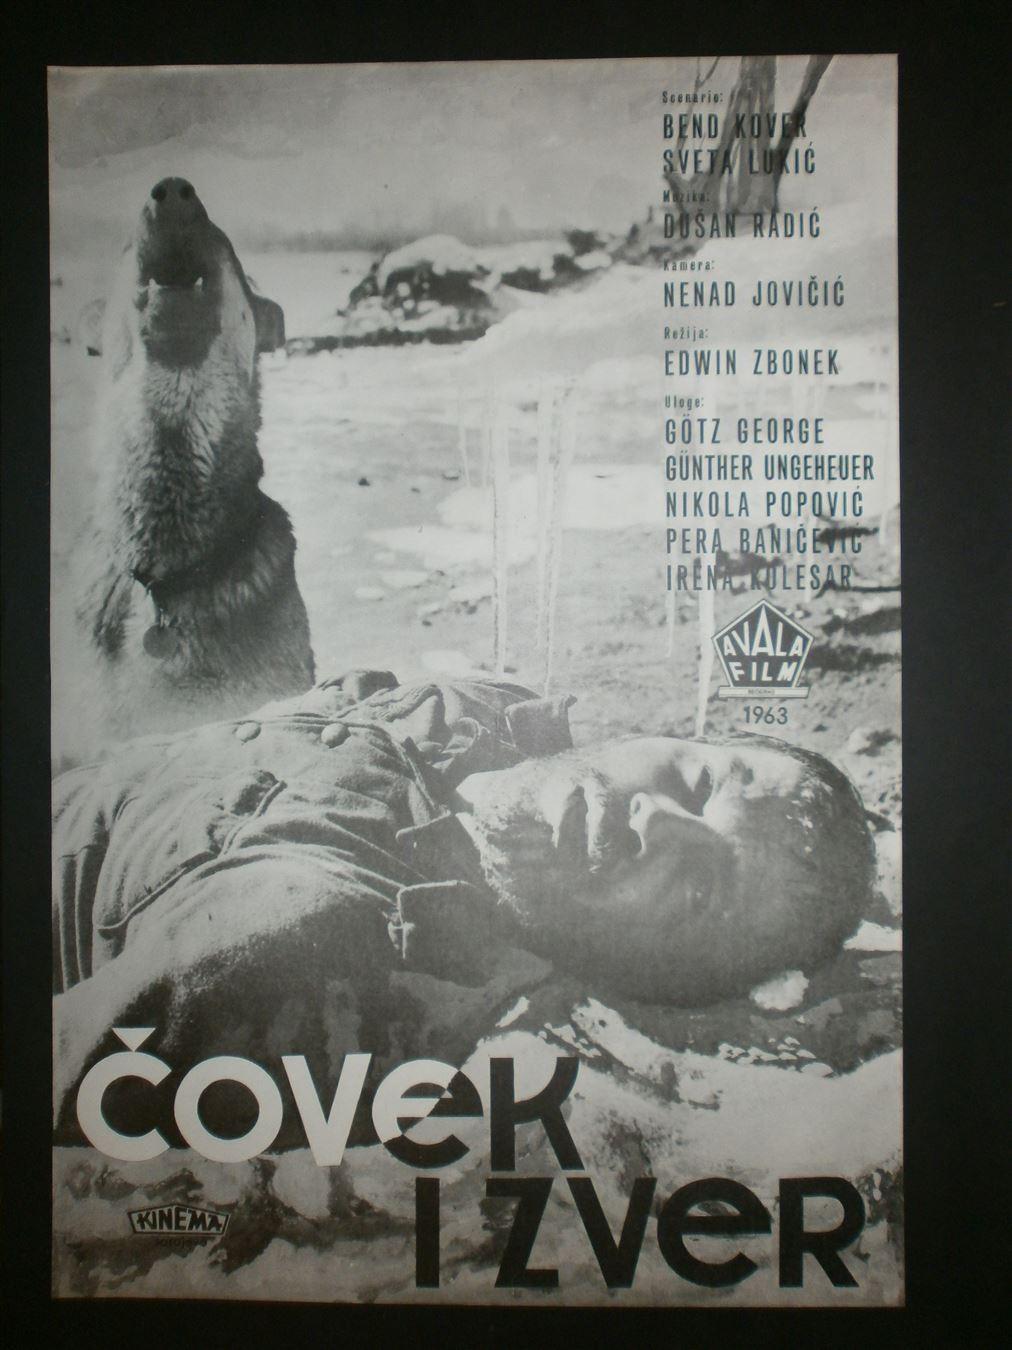 COVEK-I-ZVER-1963-Petar-Banicevic-FILMSK